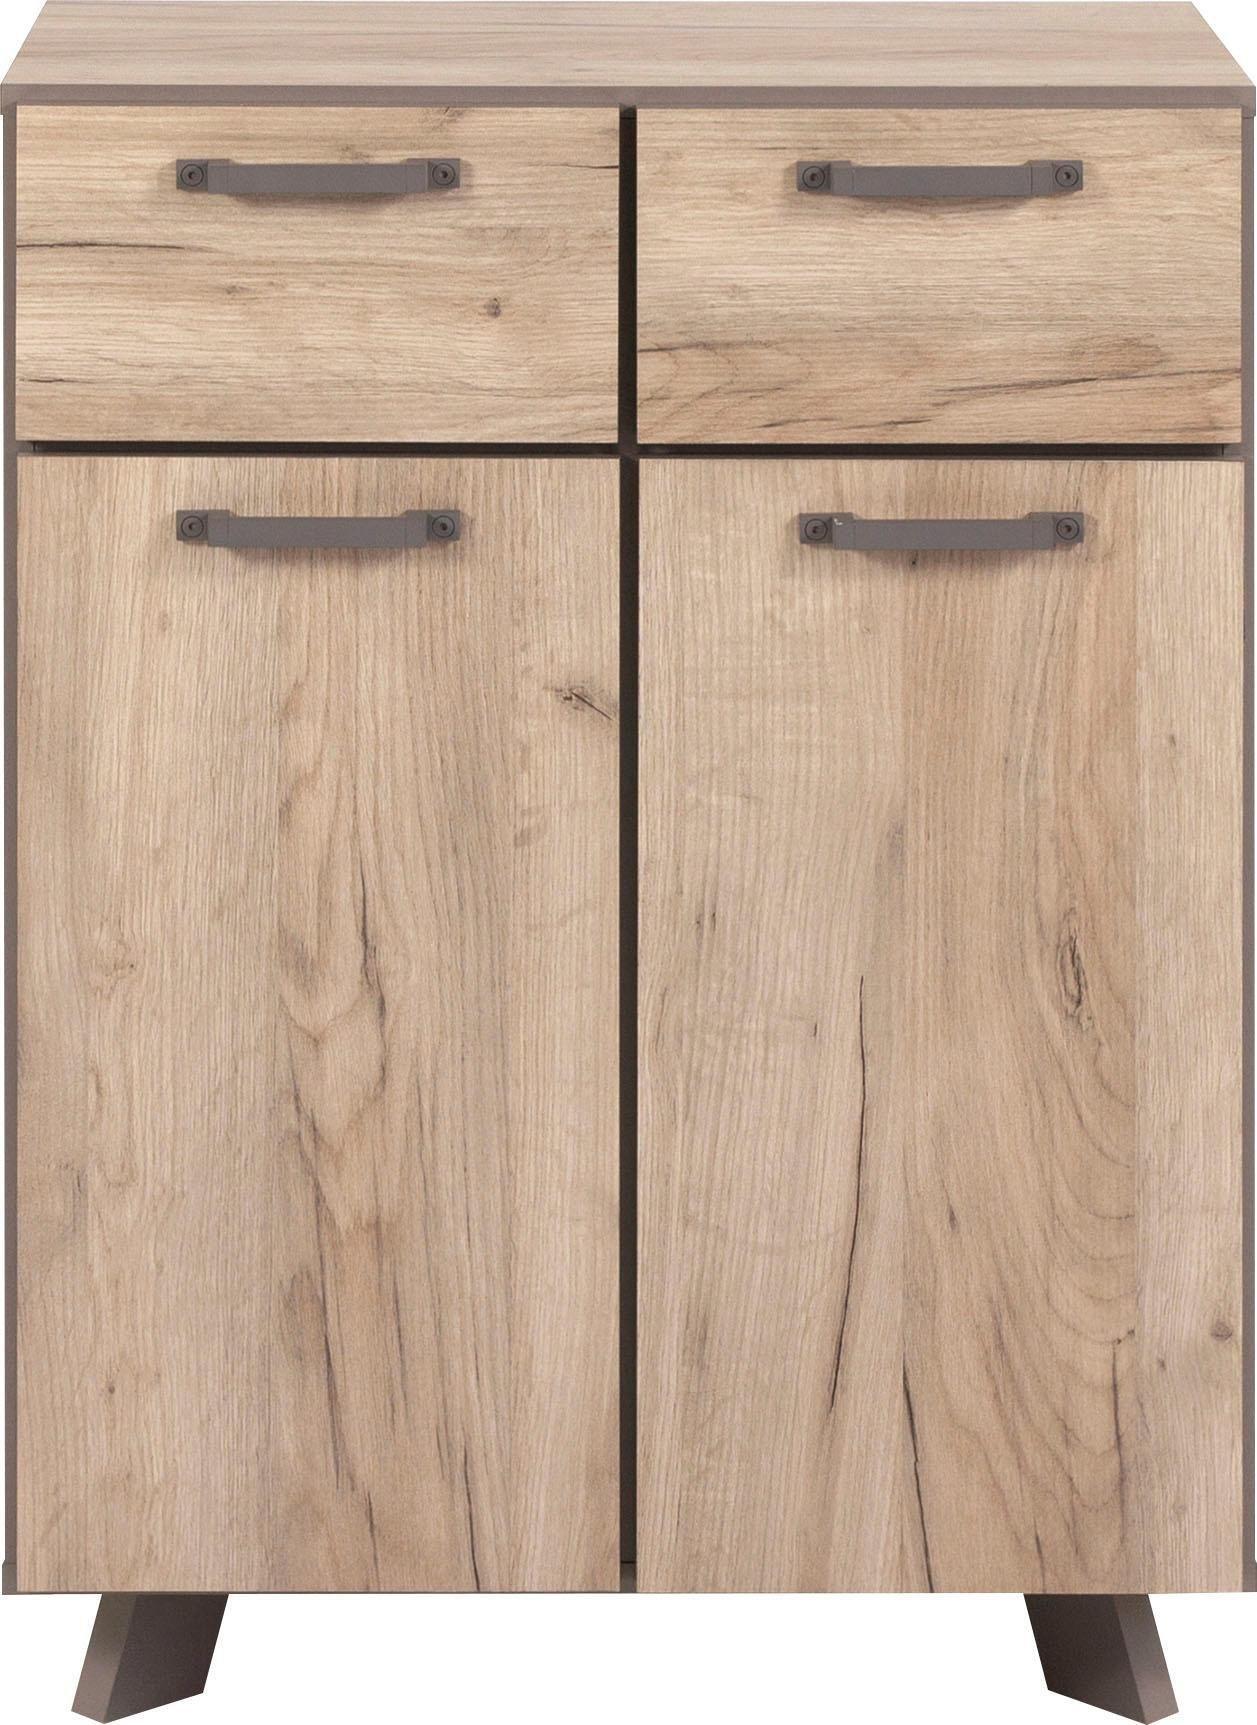 Sideboard Kommode Schwarz Kommode 50 Cm Breit Schubladenkommode Eiche Antik Holz Hochkommode Badezimmer Kommode Kommode Kommode Schwarz Sideboard Holz